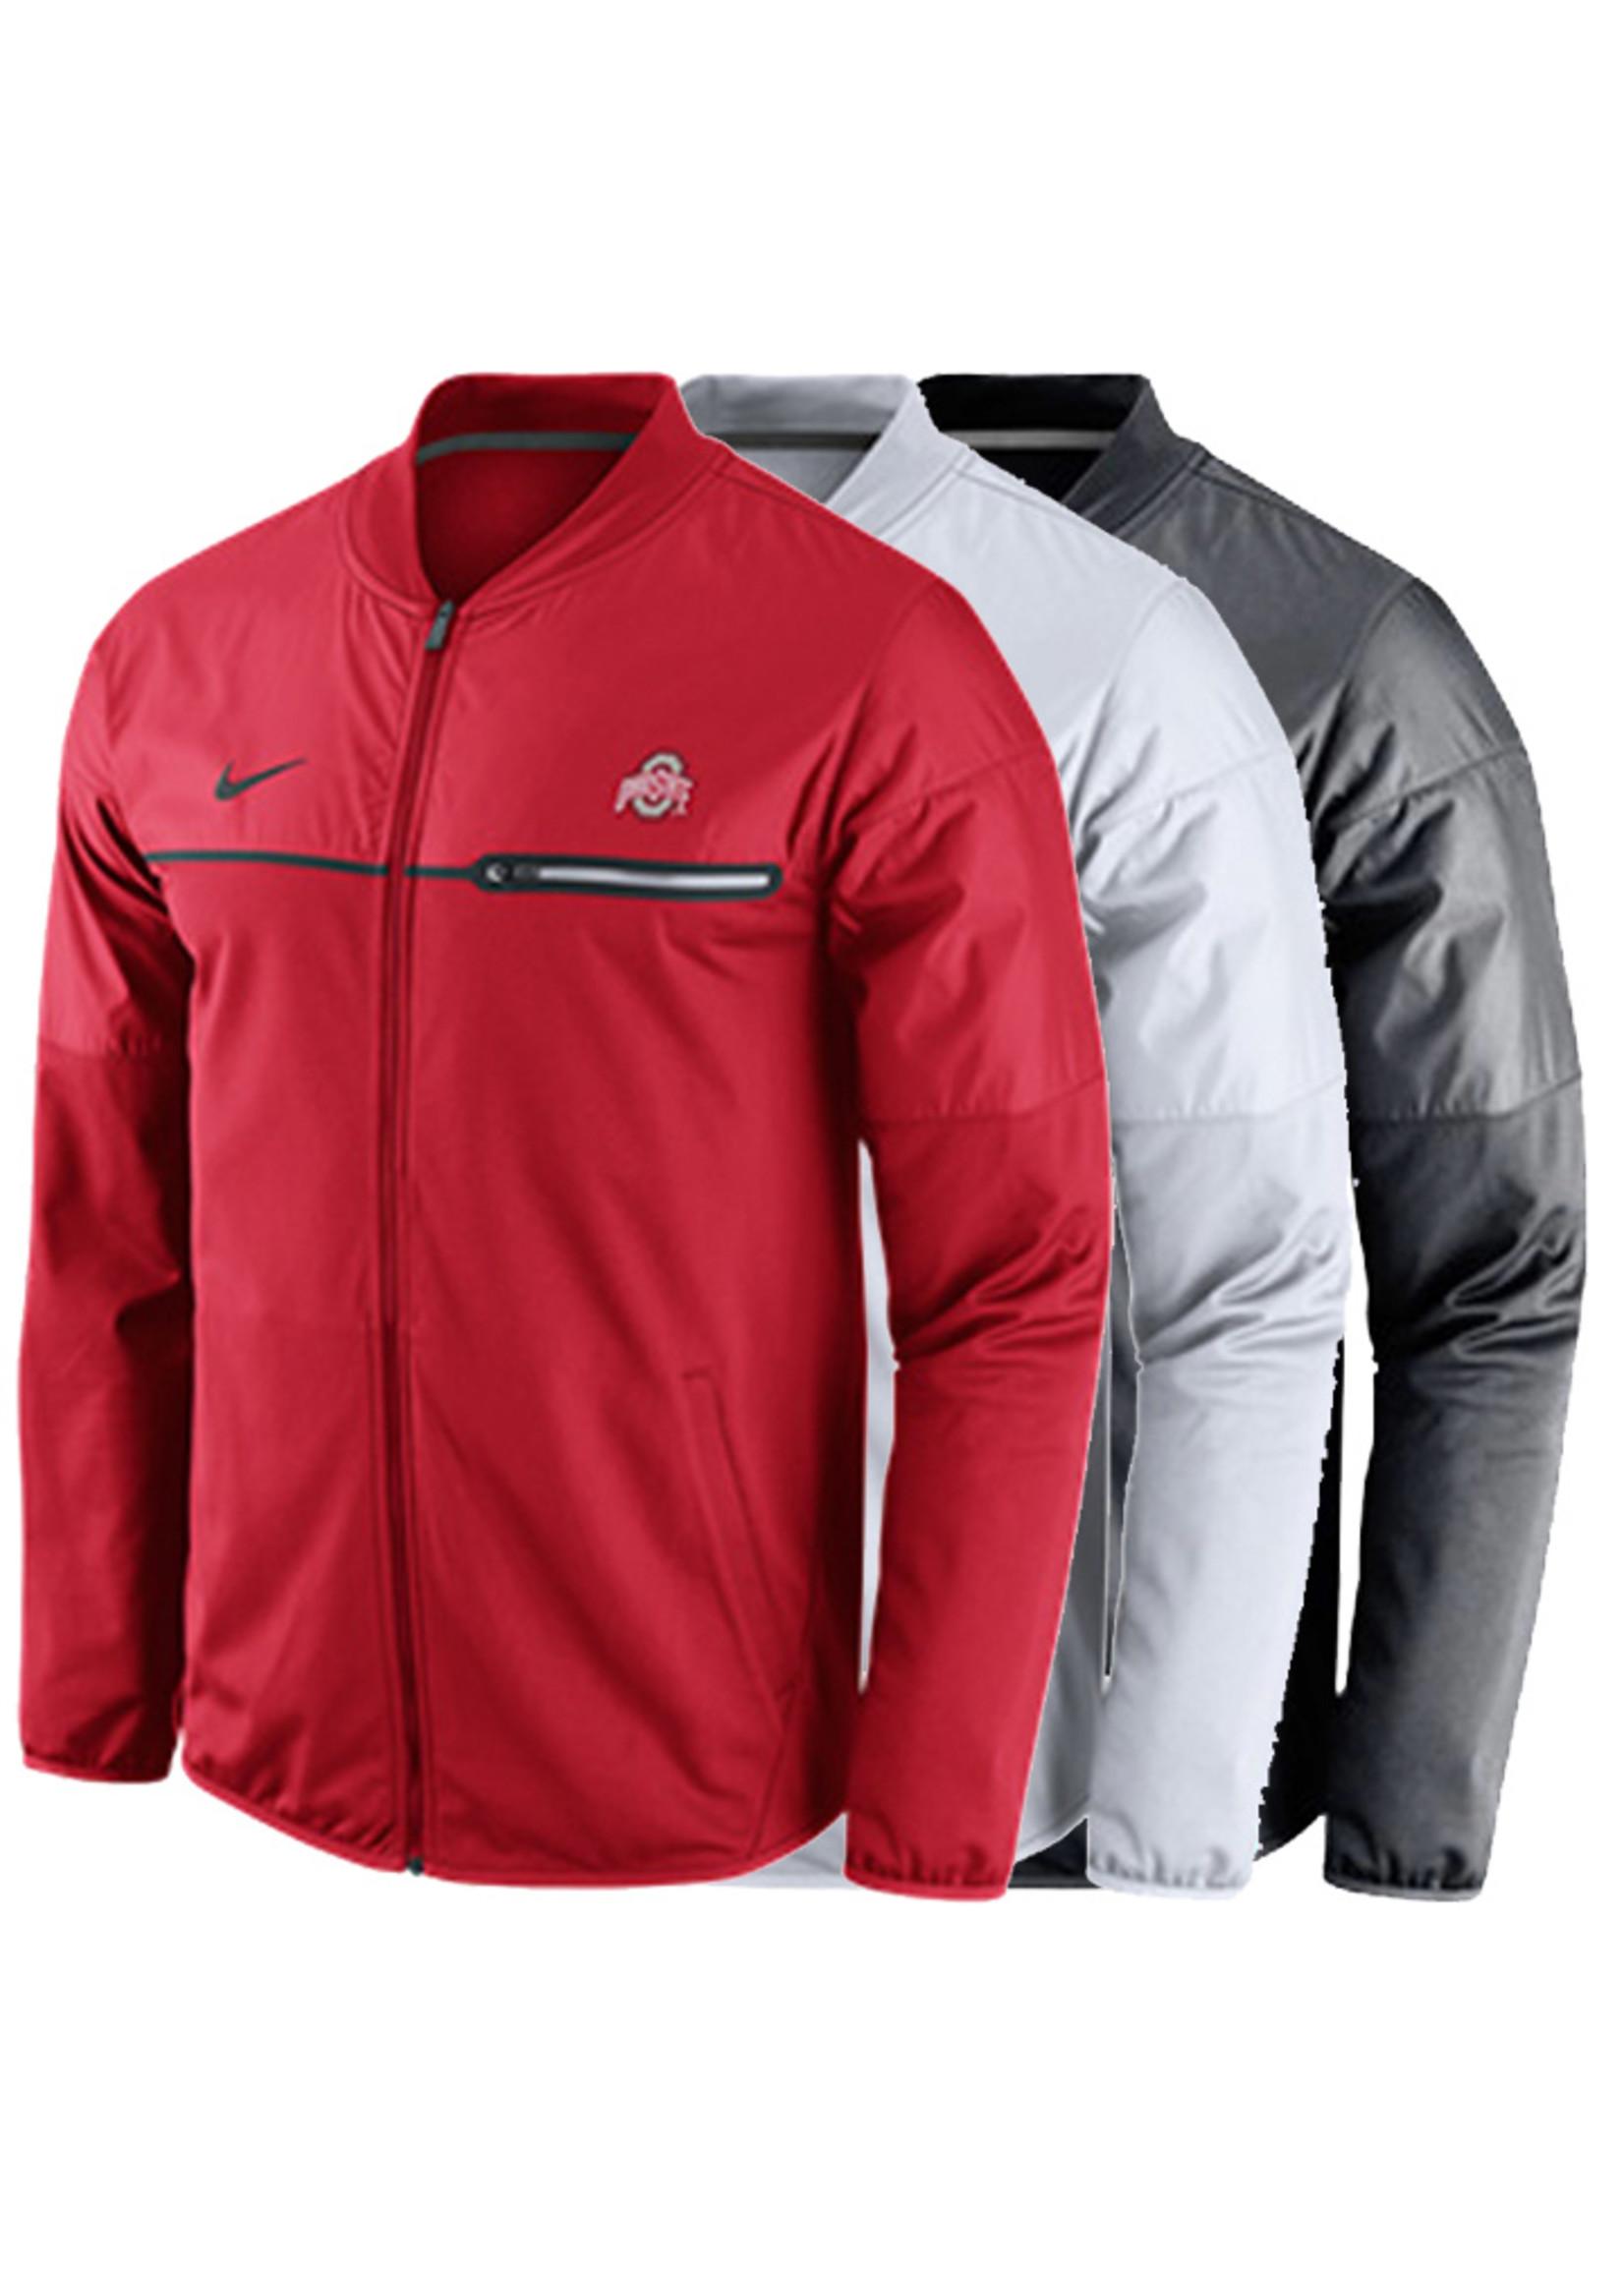 Nike Ohio State University Hybrid Jacket